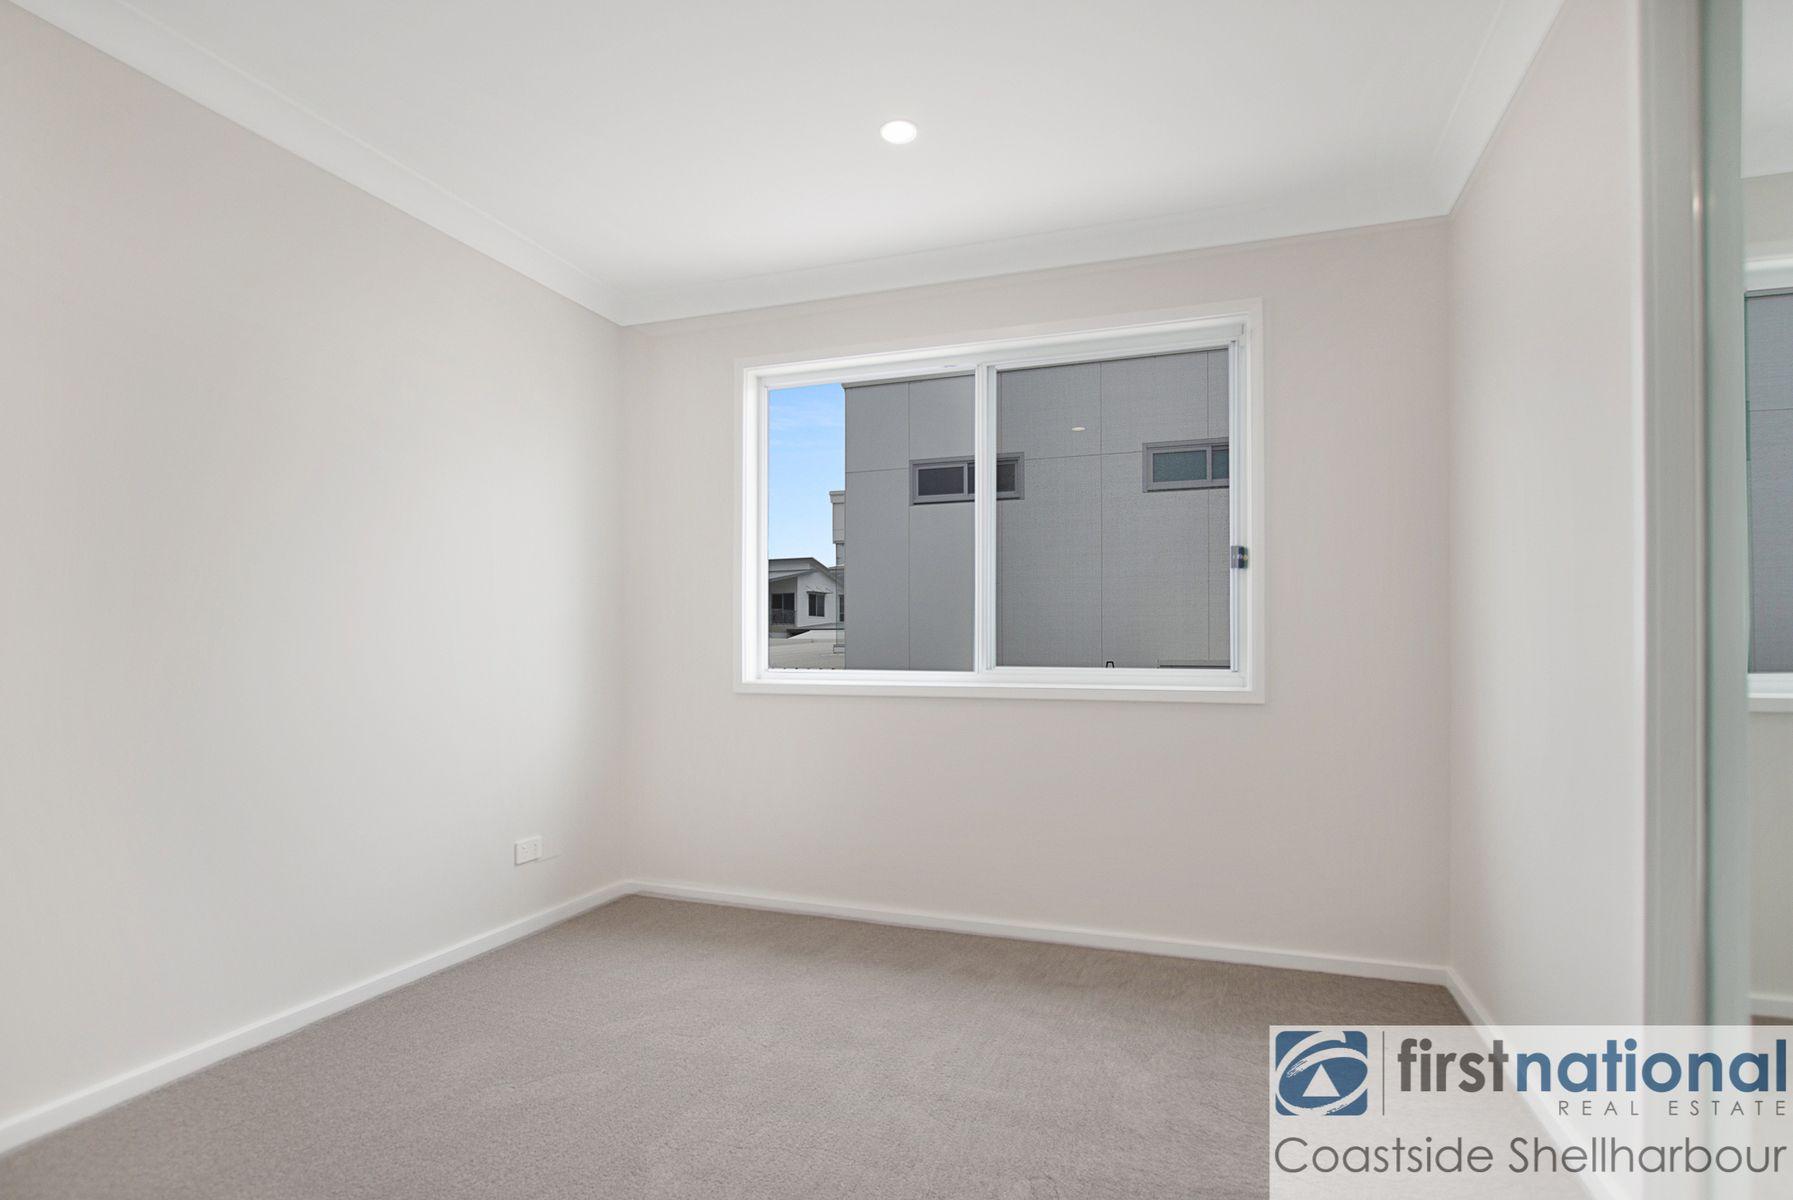 26 Pier Avenue, Shell Cove, NSW 2529